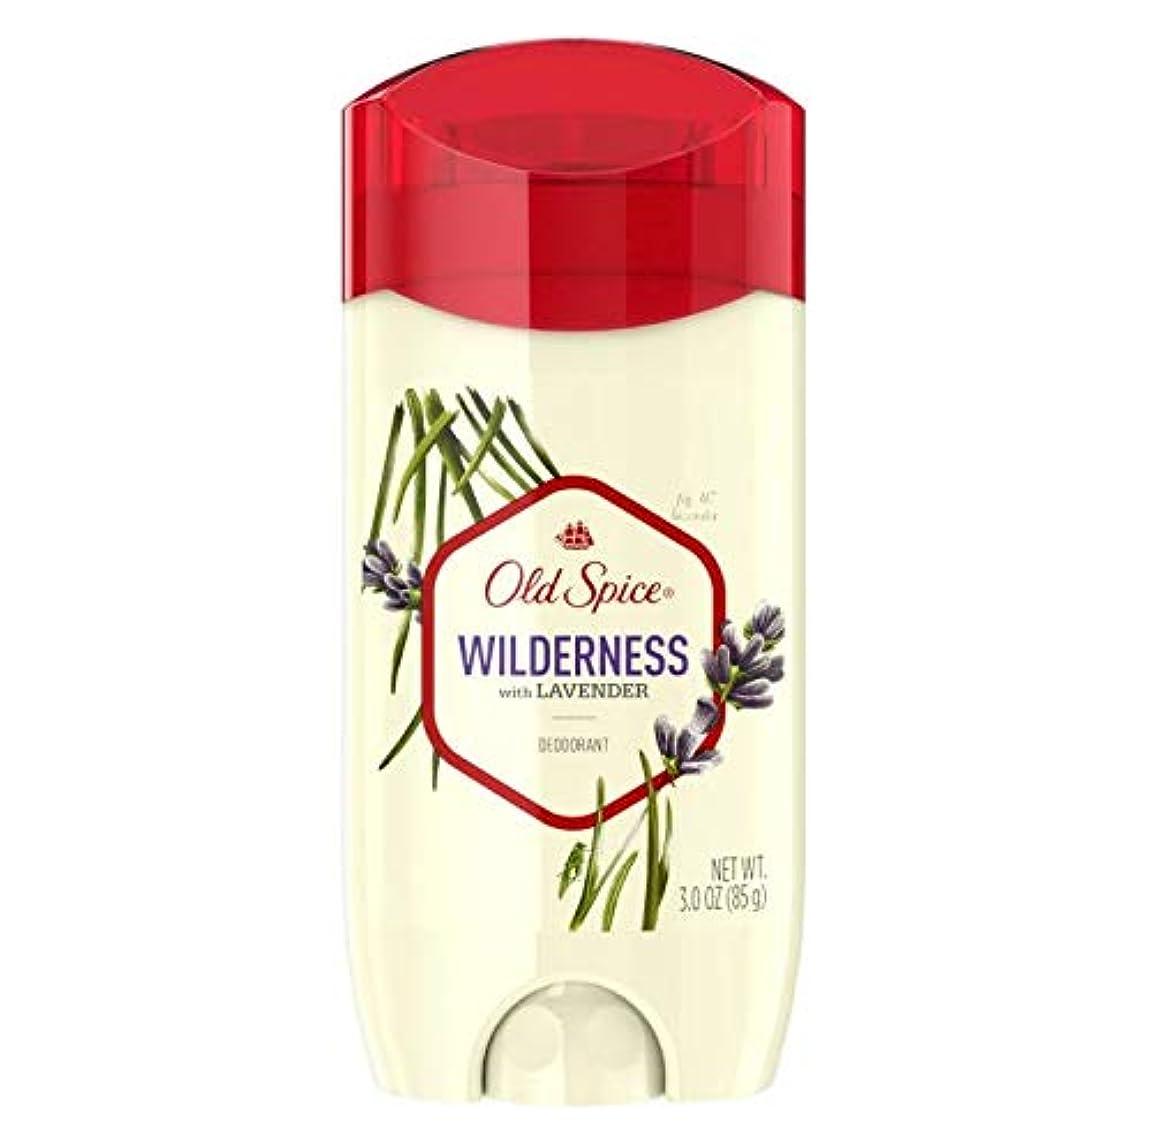 子供達バランスのとれたと遊ぶOld Spice Fresher Collection Wilderness Deodorant - 3.0oz オールドスパイス フレッシャー コレクション ワイルドネス デオドラント 85g [並行輸入品]